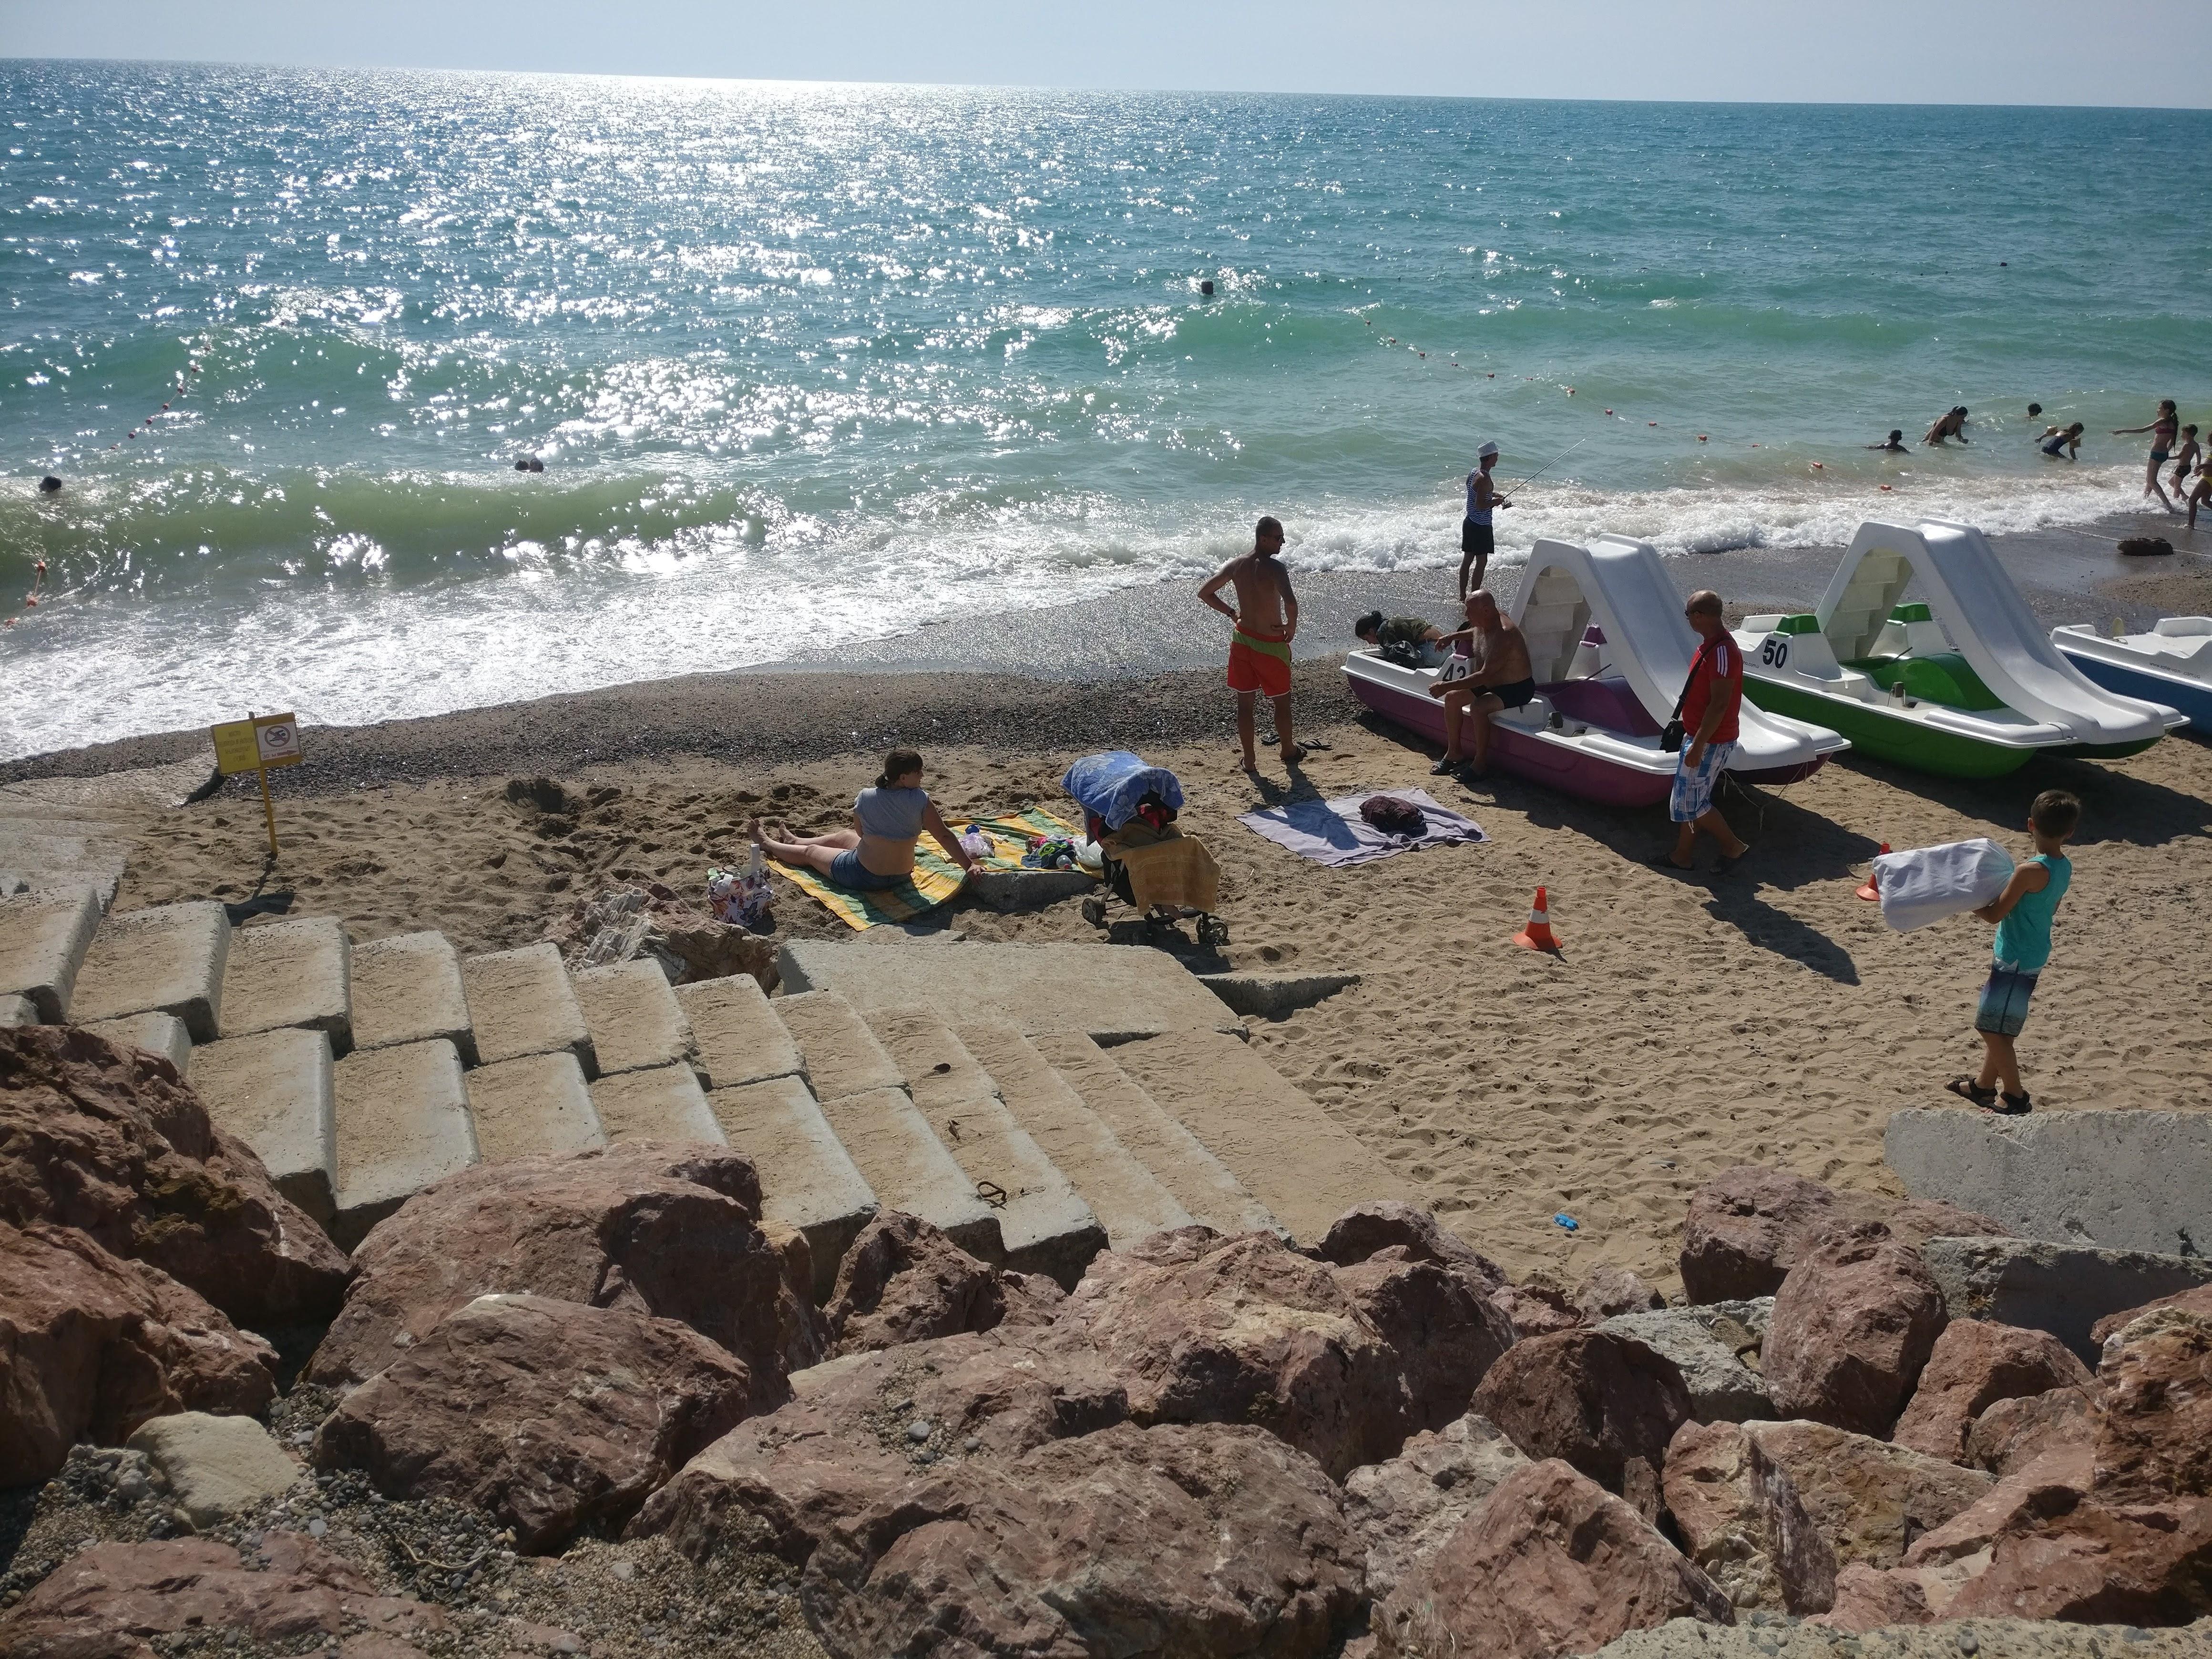 В ожидании туристов. Чем живет Крым через 3 года после аннексии